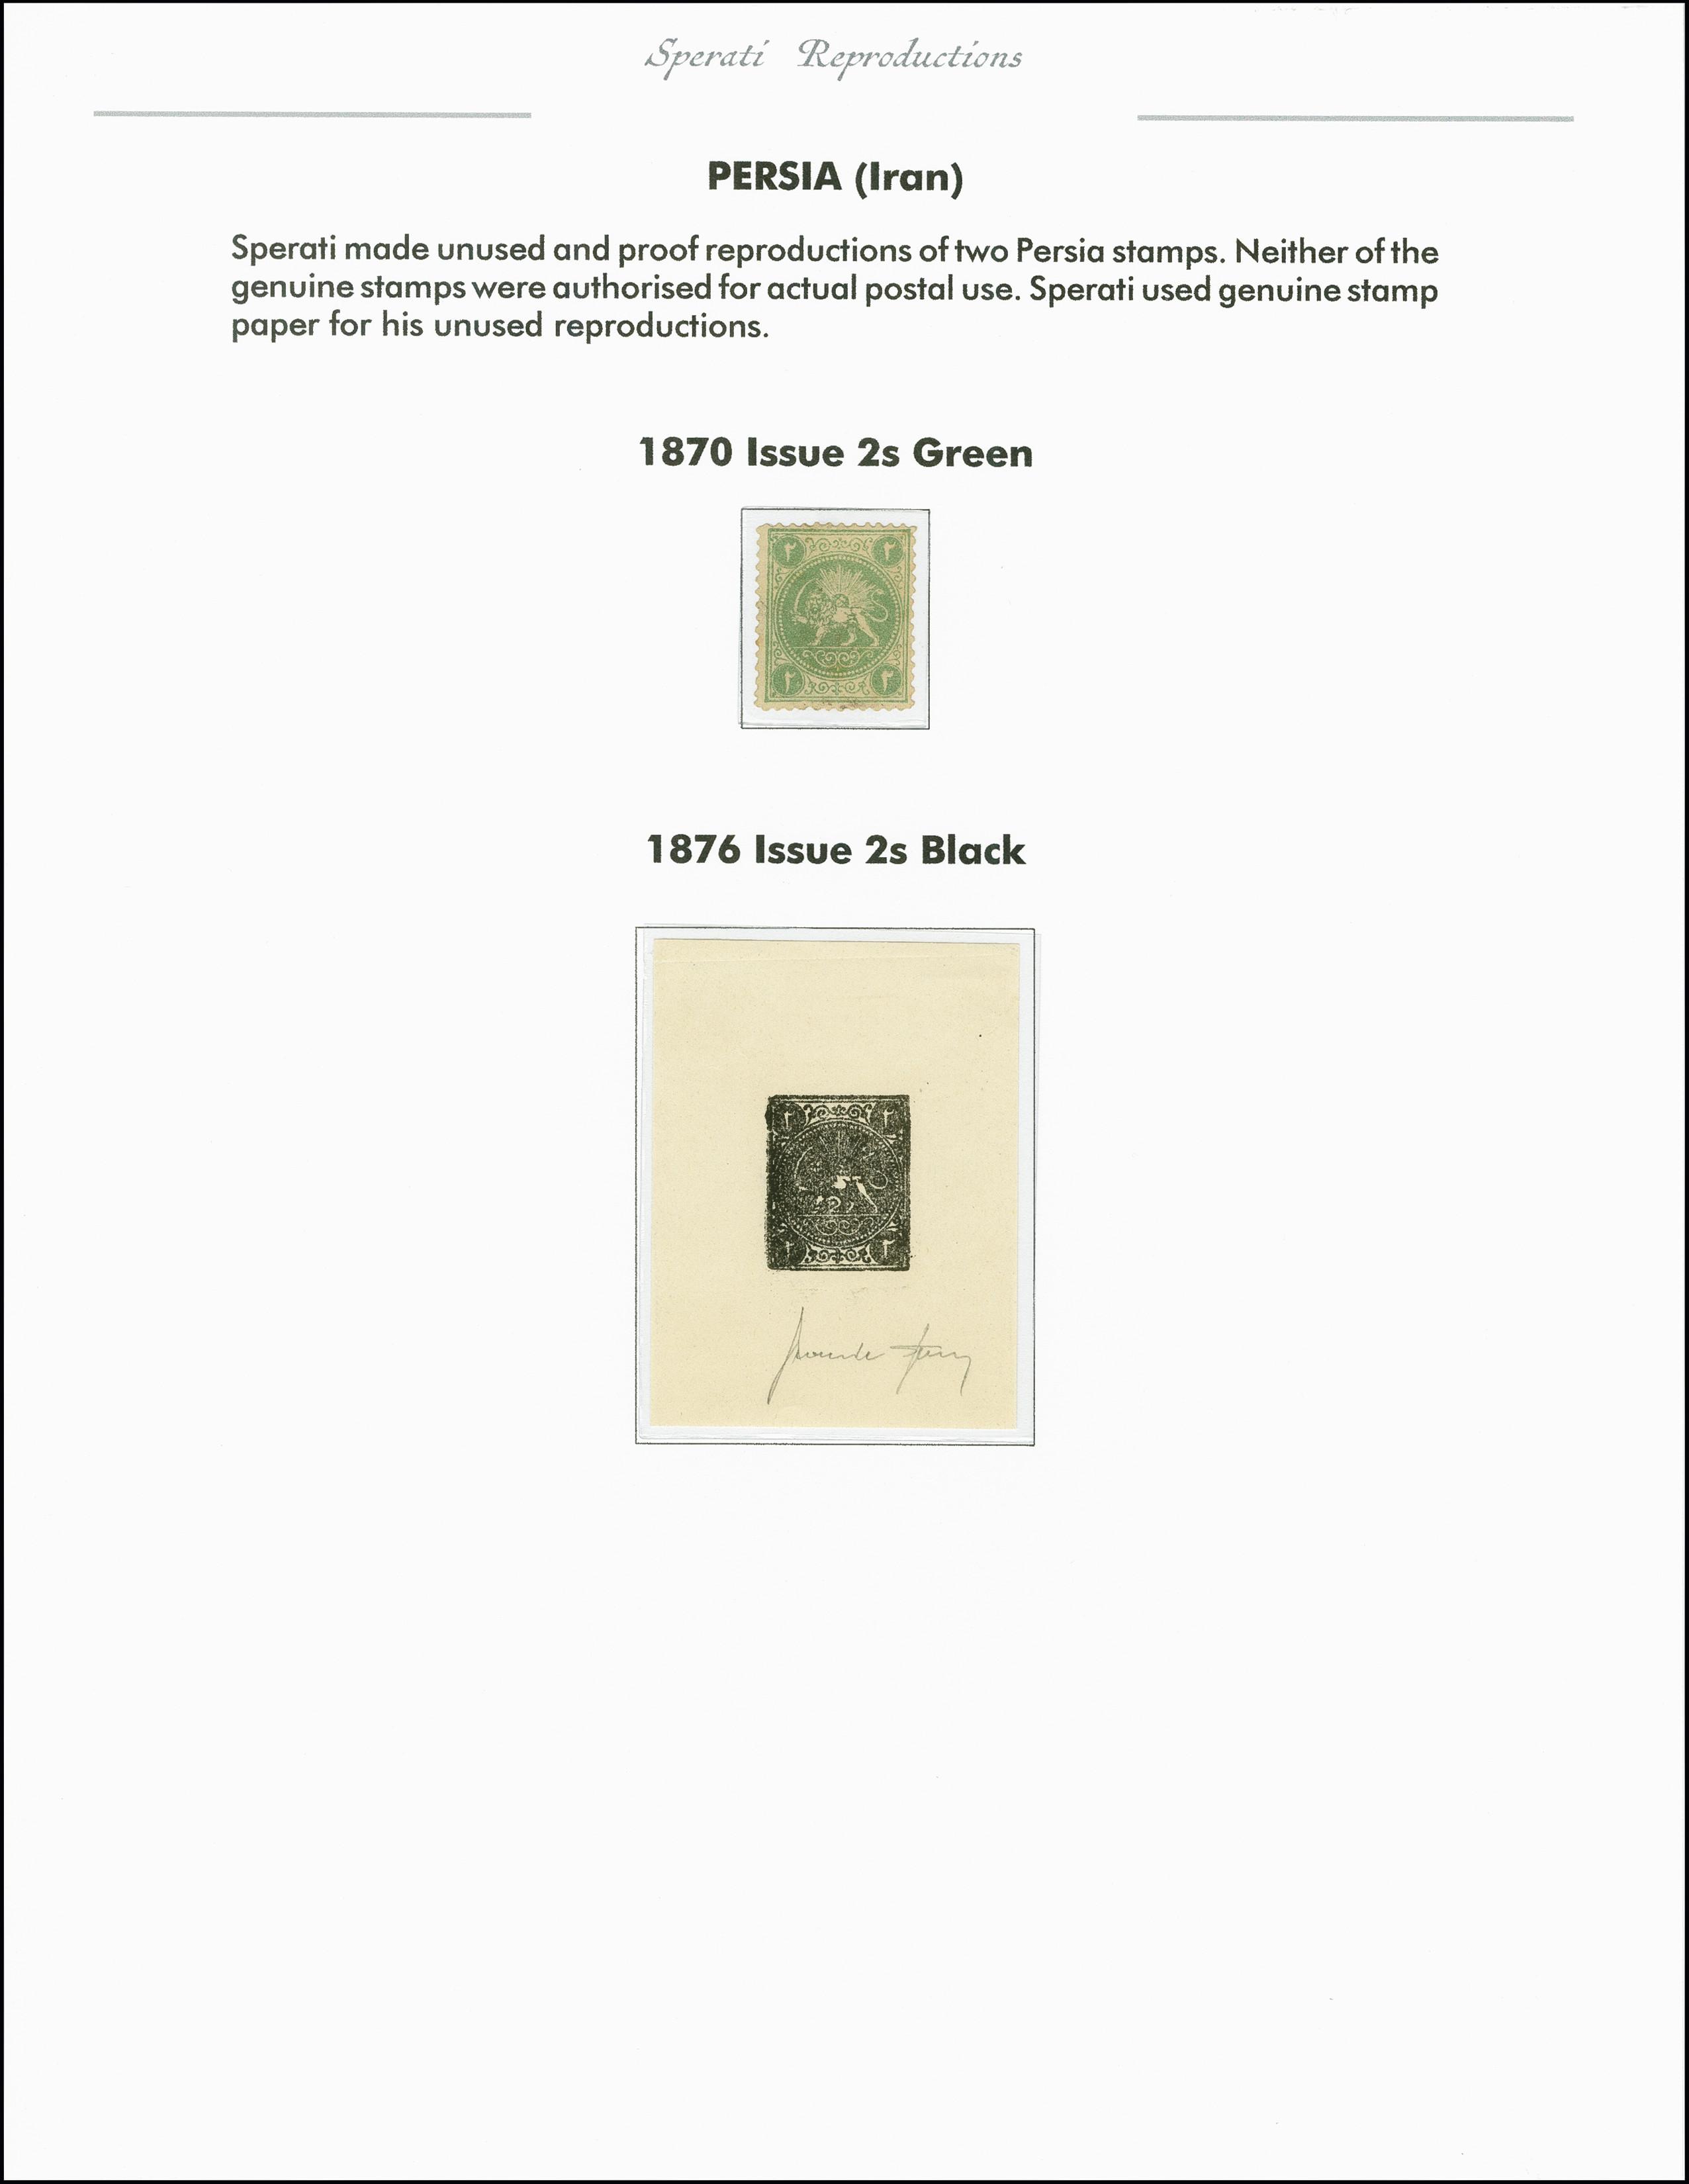 Lot 2227 - übersee iran -  Heinrich Koehler Auktionen 375rd Heinrich Köhler auction - Day 1